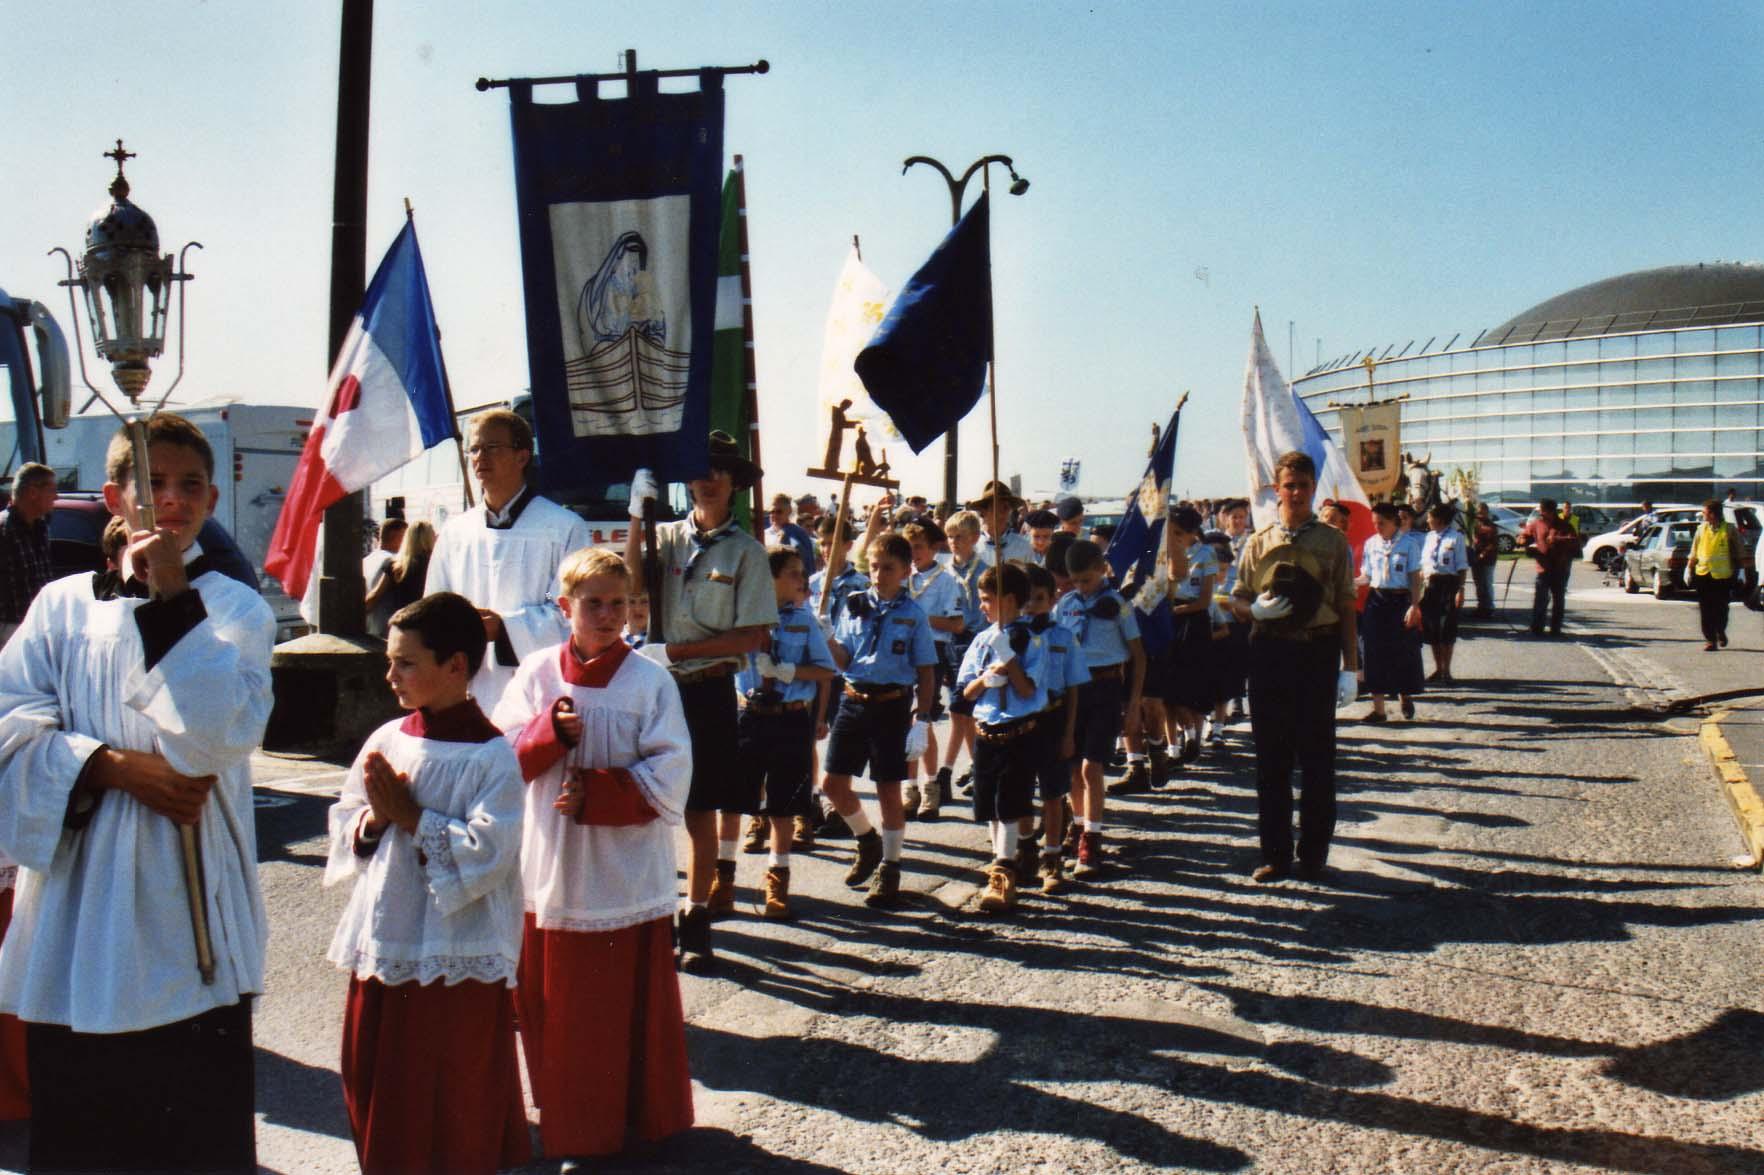 Première Procession de Notre dame de Boulogne organisée par l'eglise St louis en 2006